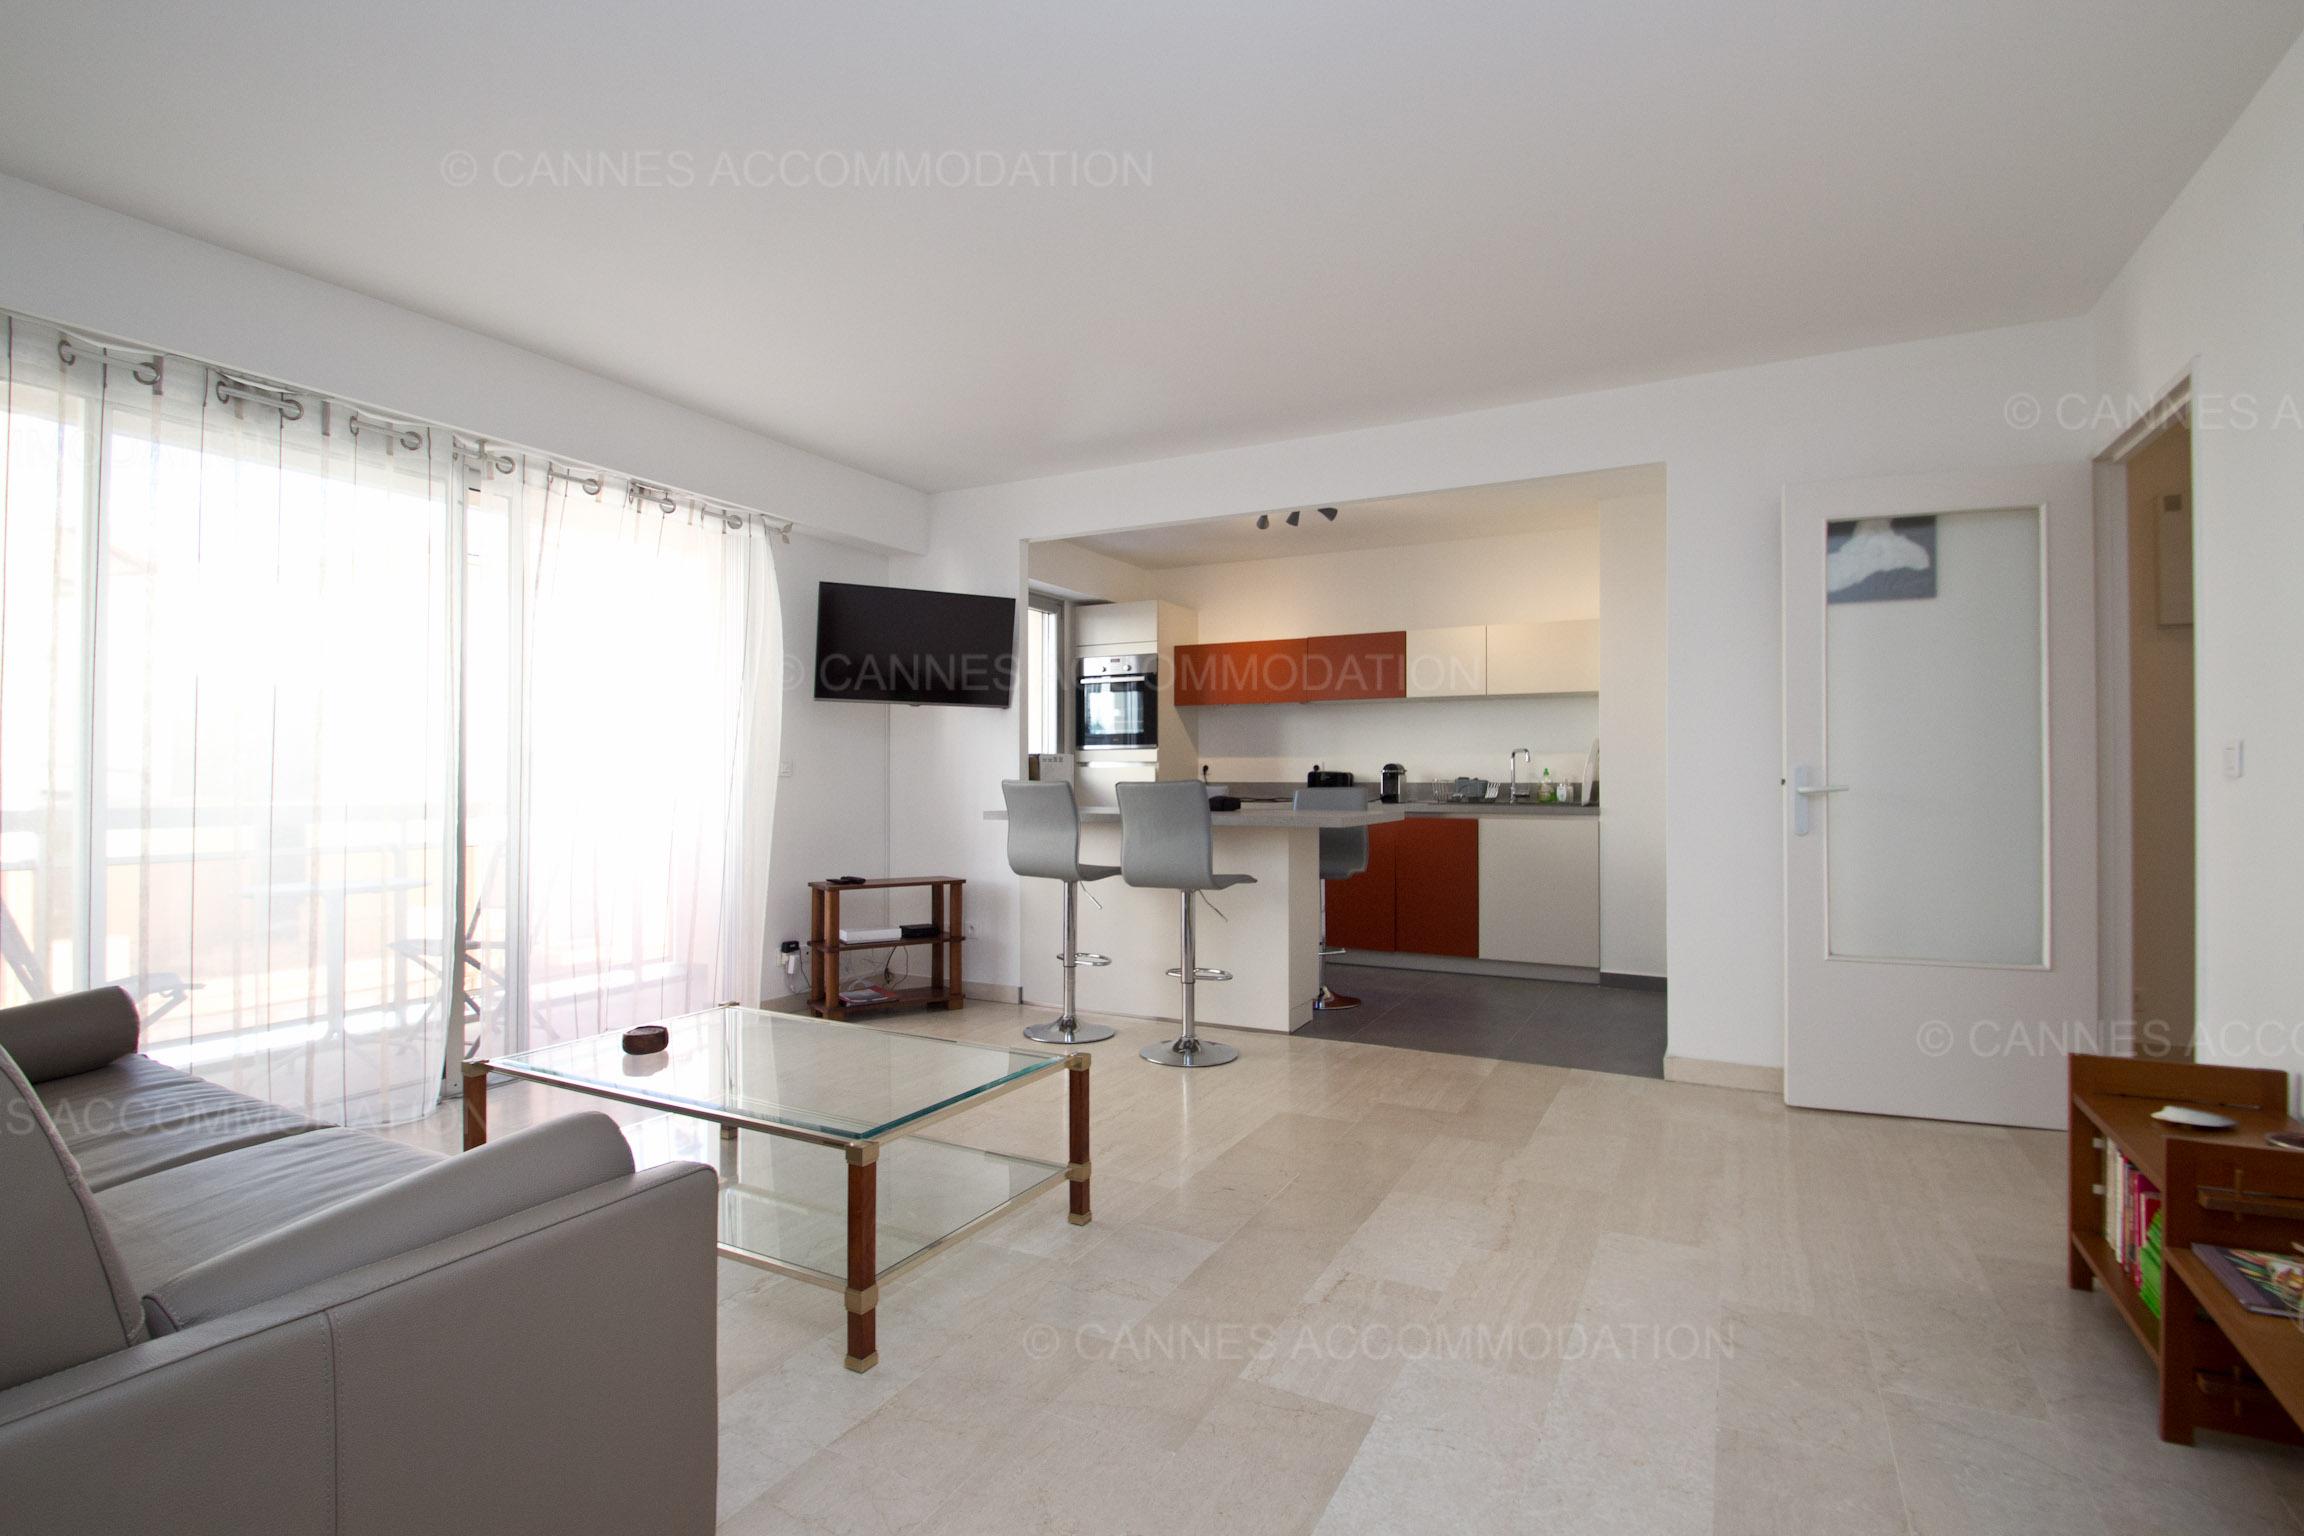 Appartement 1 chambre louer cannes carnot cc coco for Appartement 1 chambre a louer hull